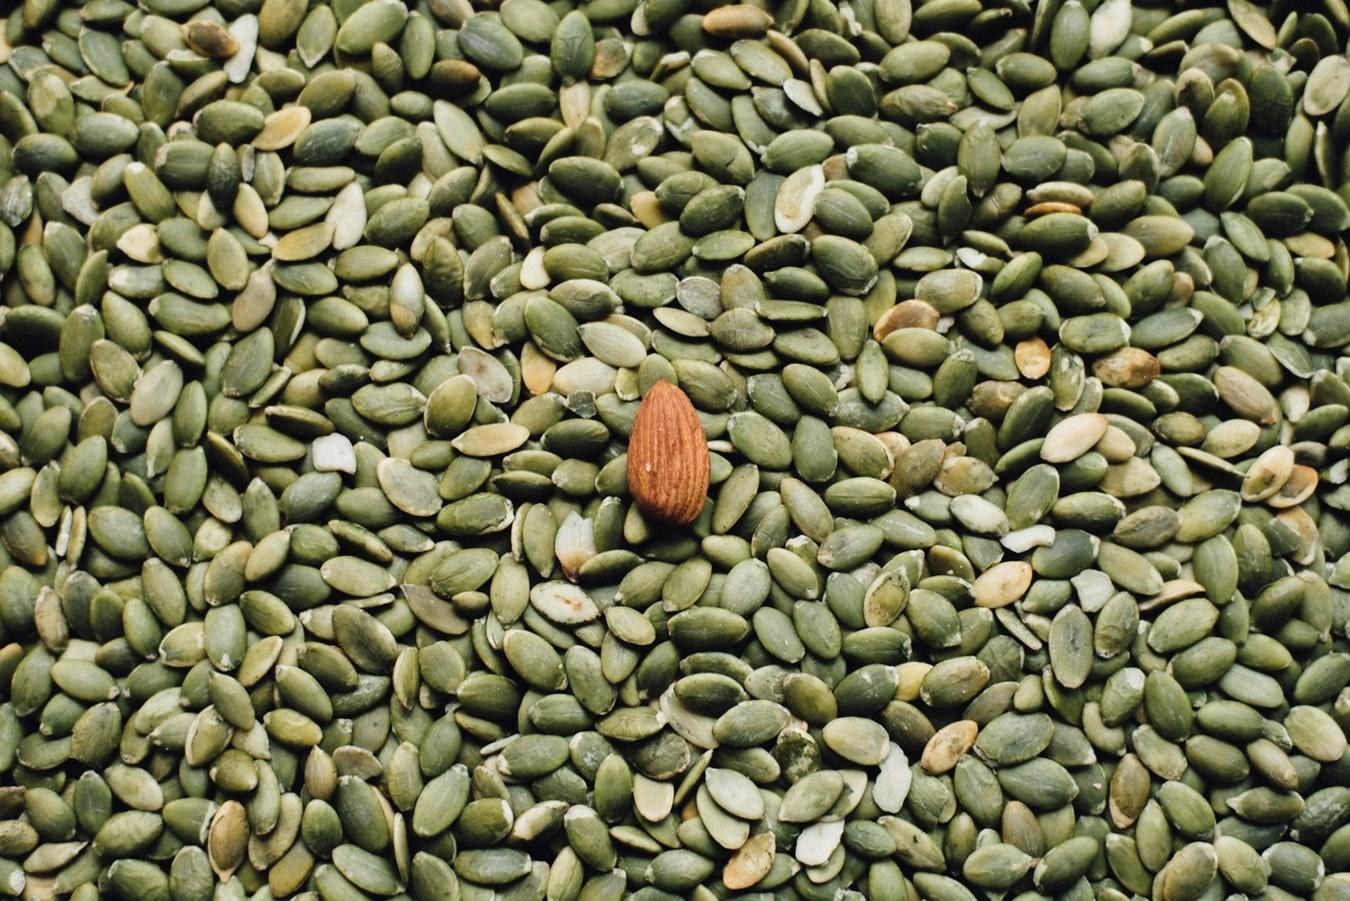 В чем польза и вред тыквенных семечек для организма? Разбираемся вместе с диетологом